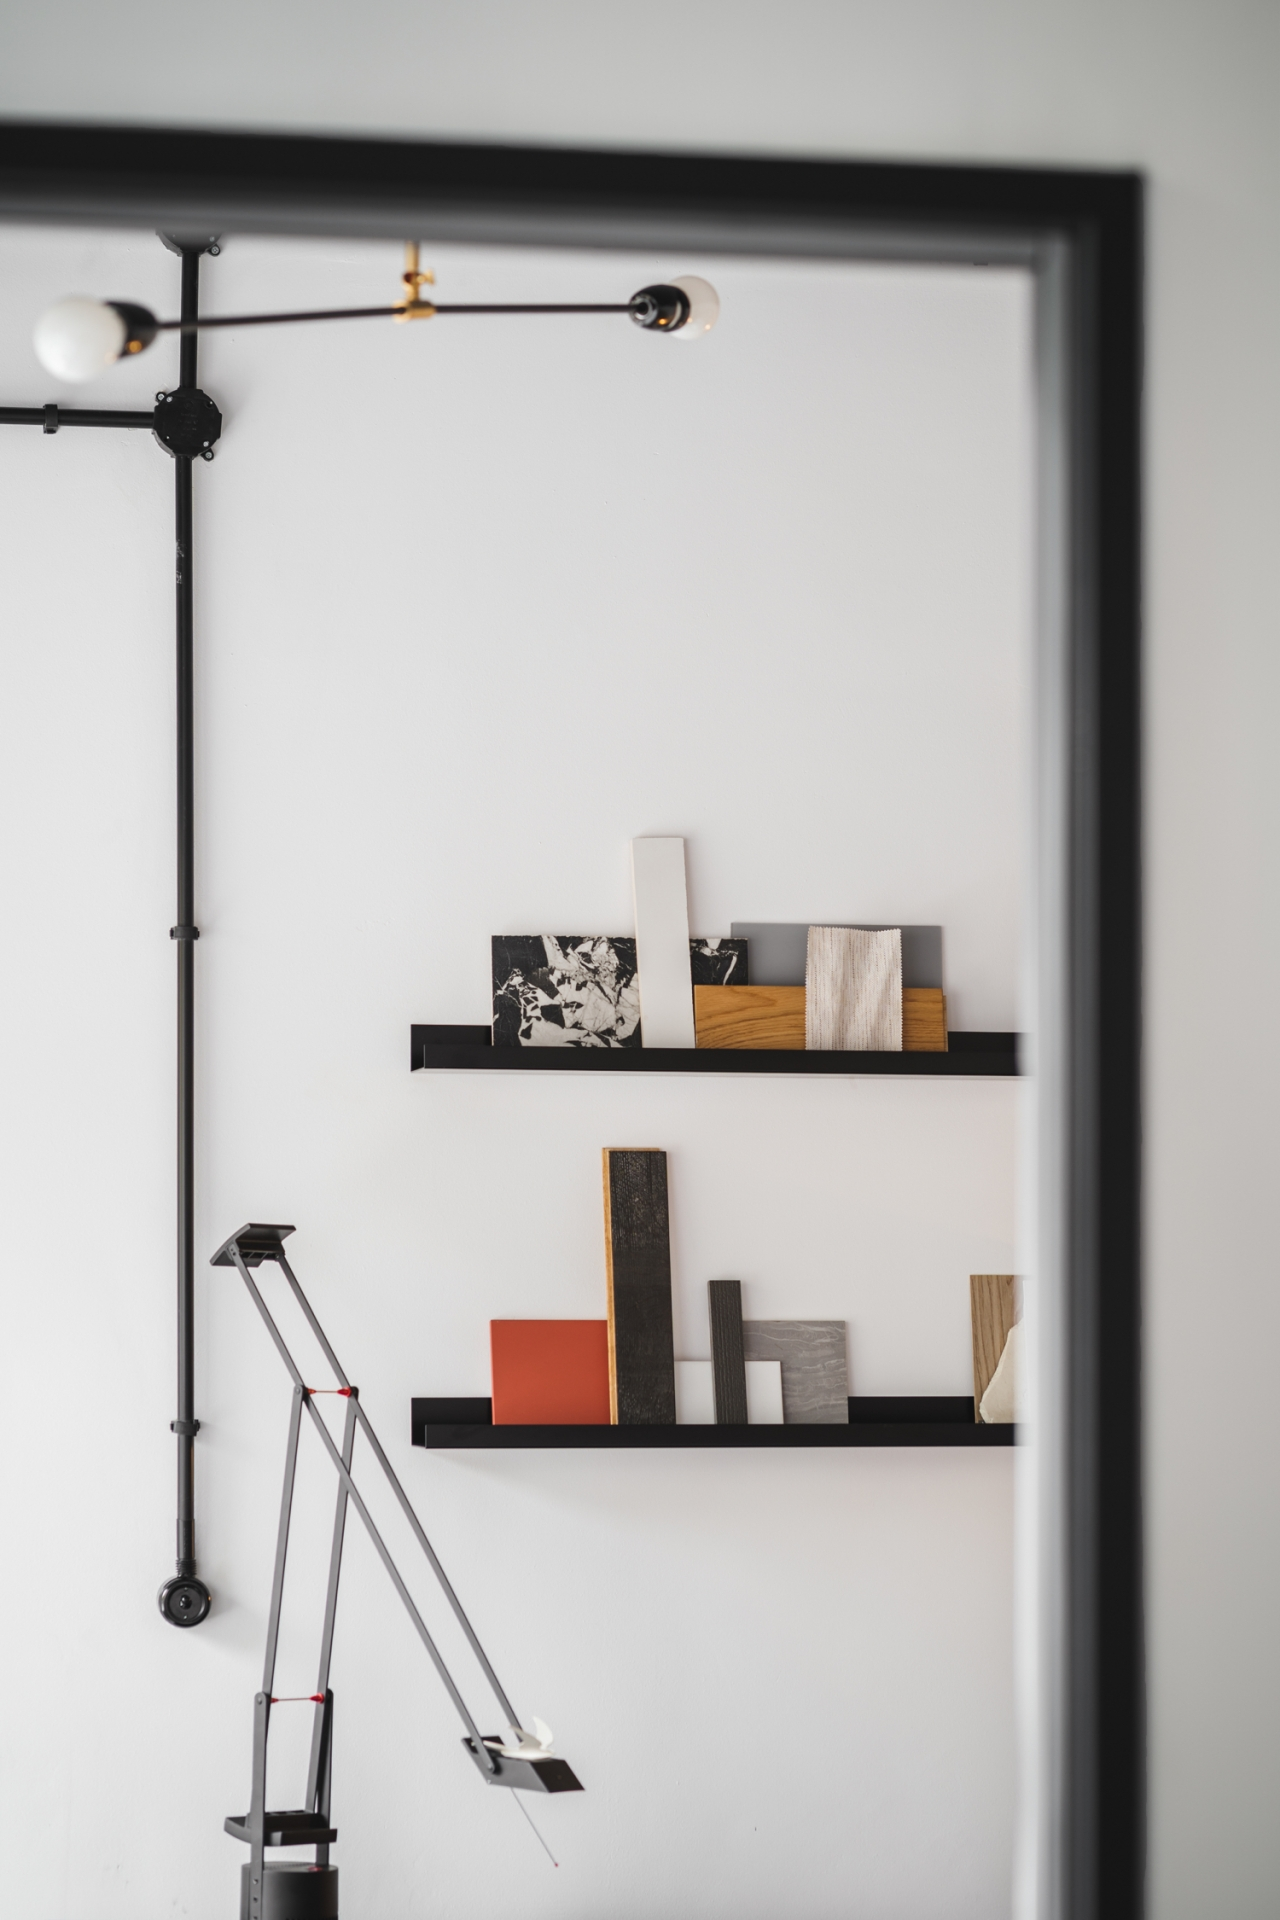 Intterno-concept-store-designalive-6